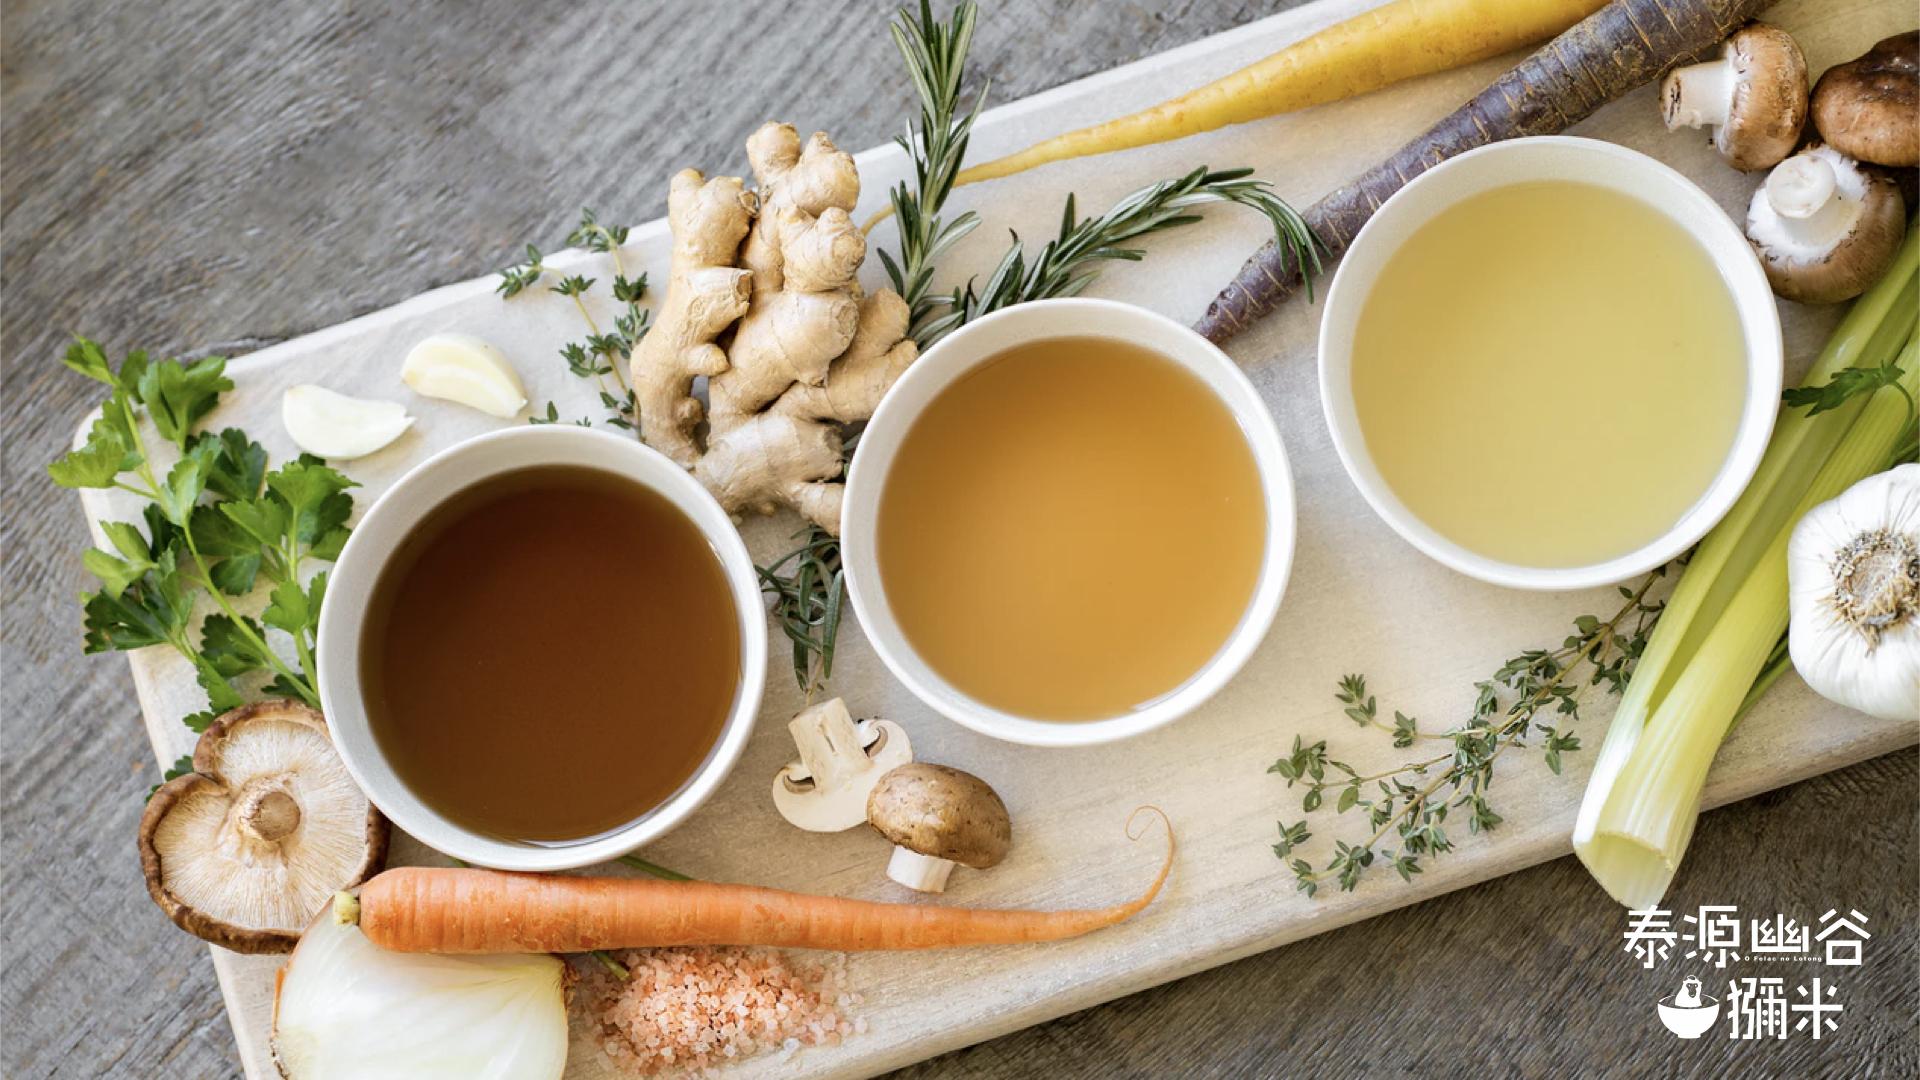 防疫WFH健康飲食與獼米LOGO